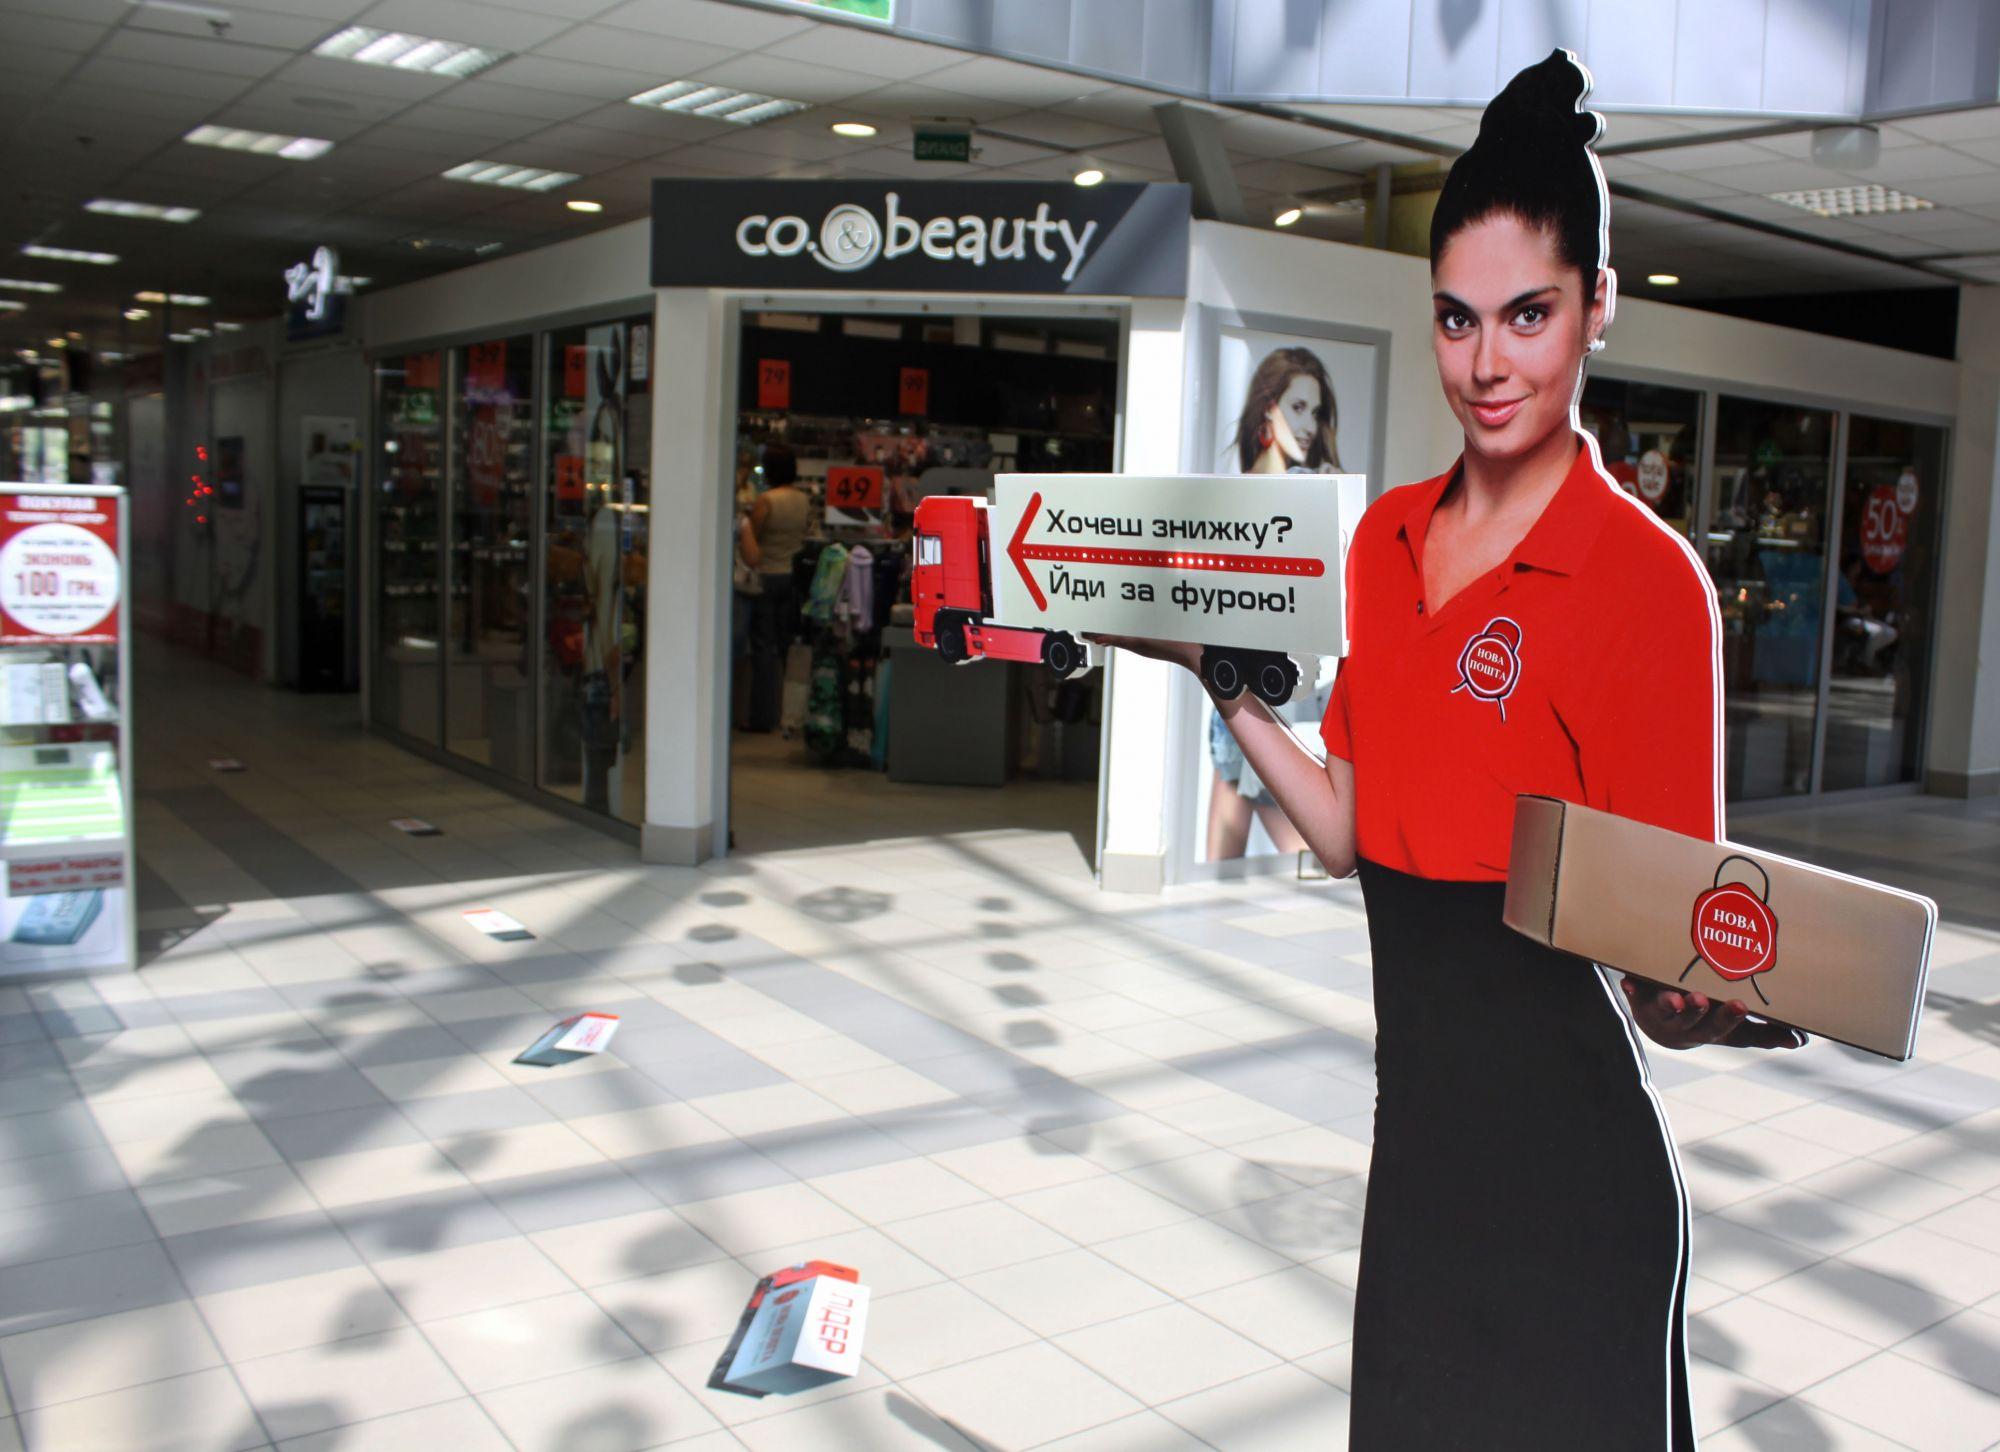 фото рекламы на торговых точках с одеждой случилась